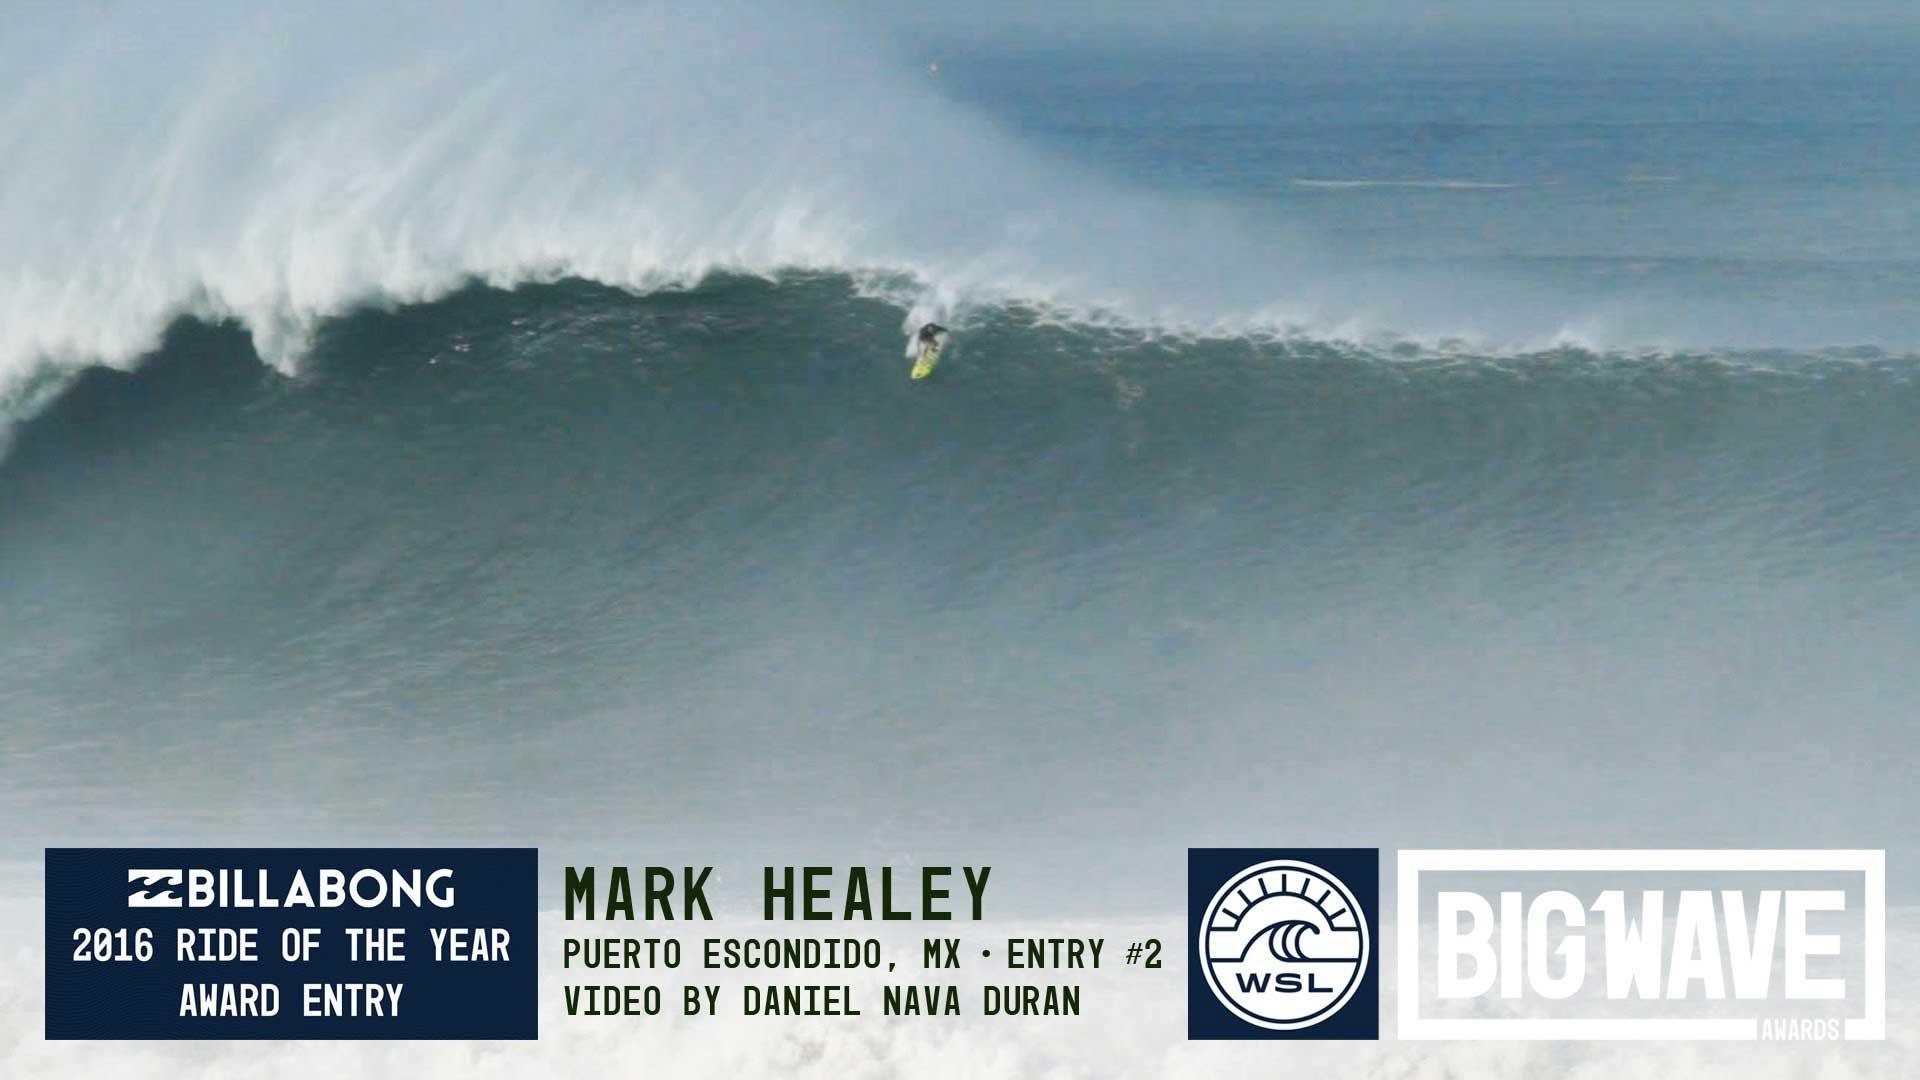 Mark Healey am 3. Mai 2015. Was werden wir am 24. Juni 2016 von ihm zu sehen bekommen?